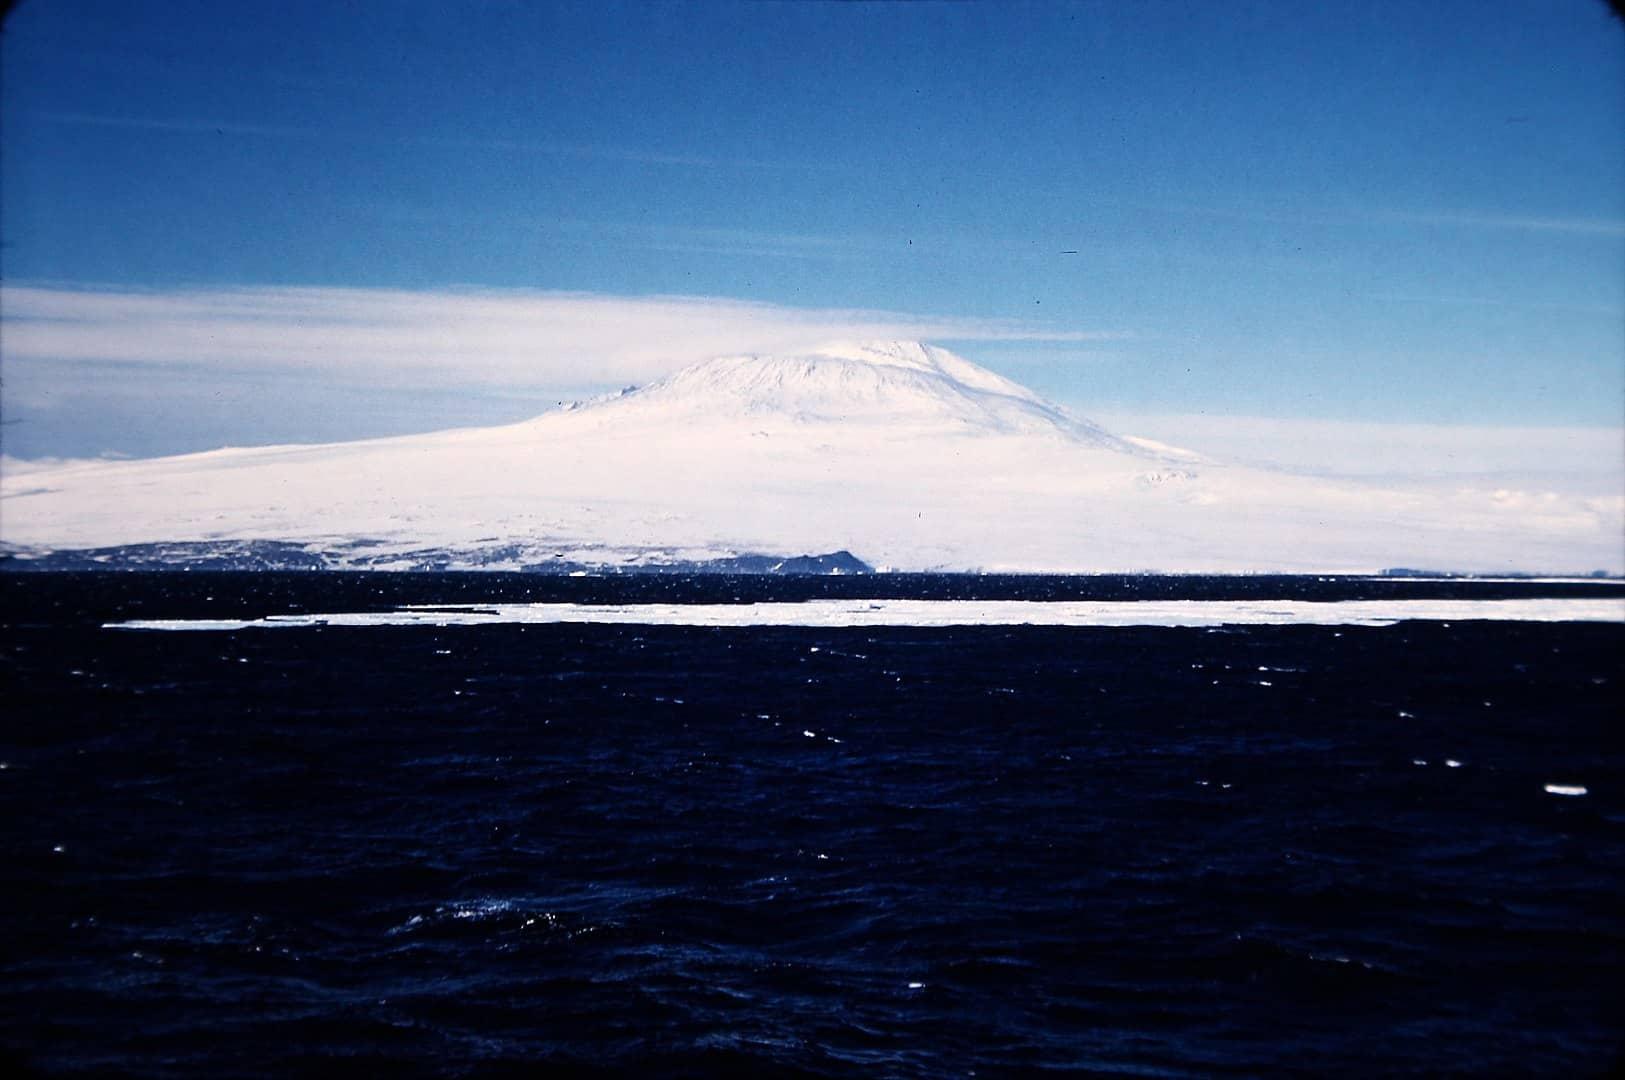 mount erebus, antarctica facts